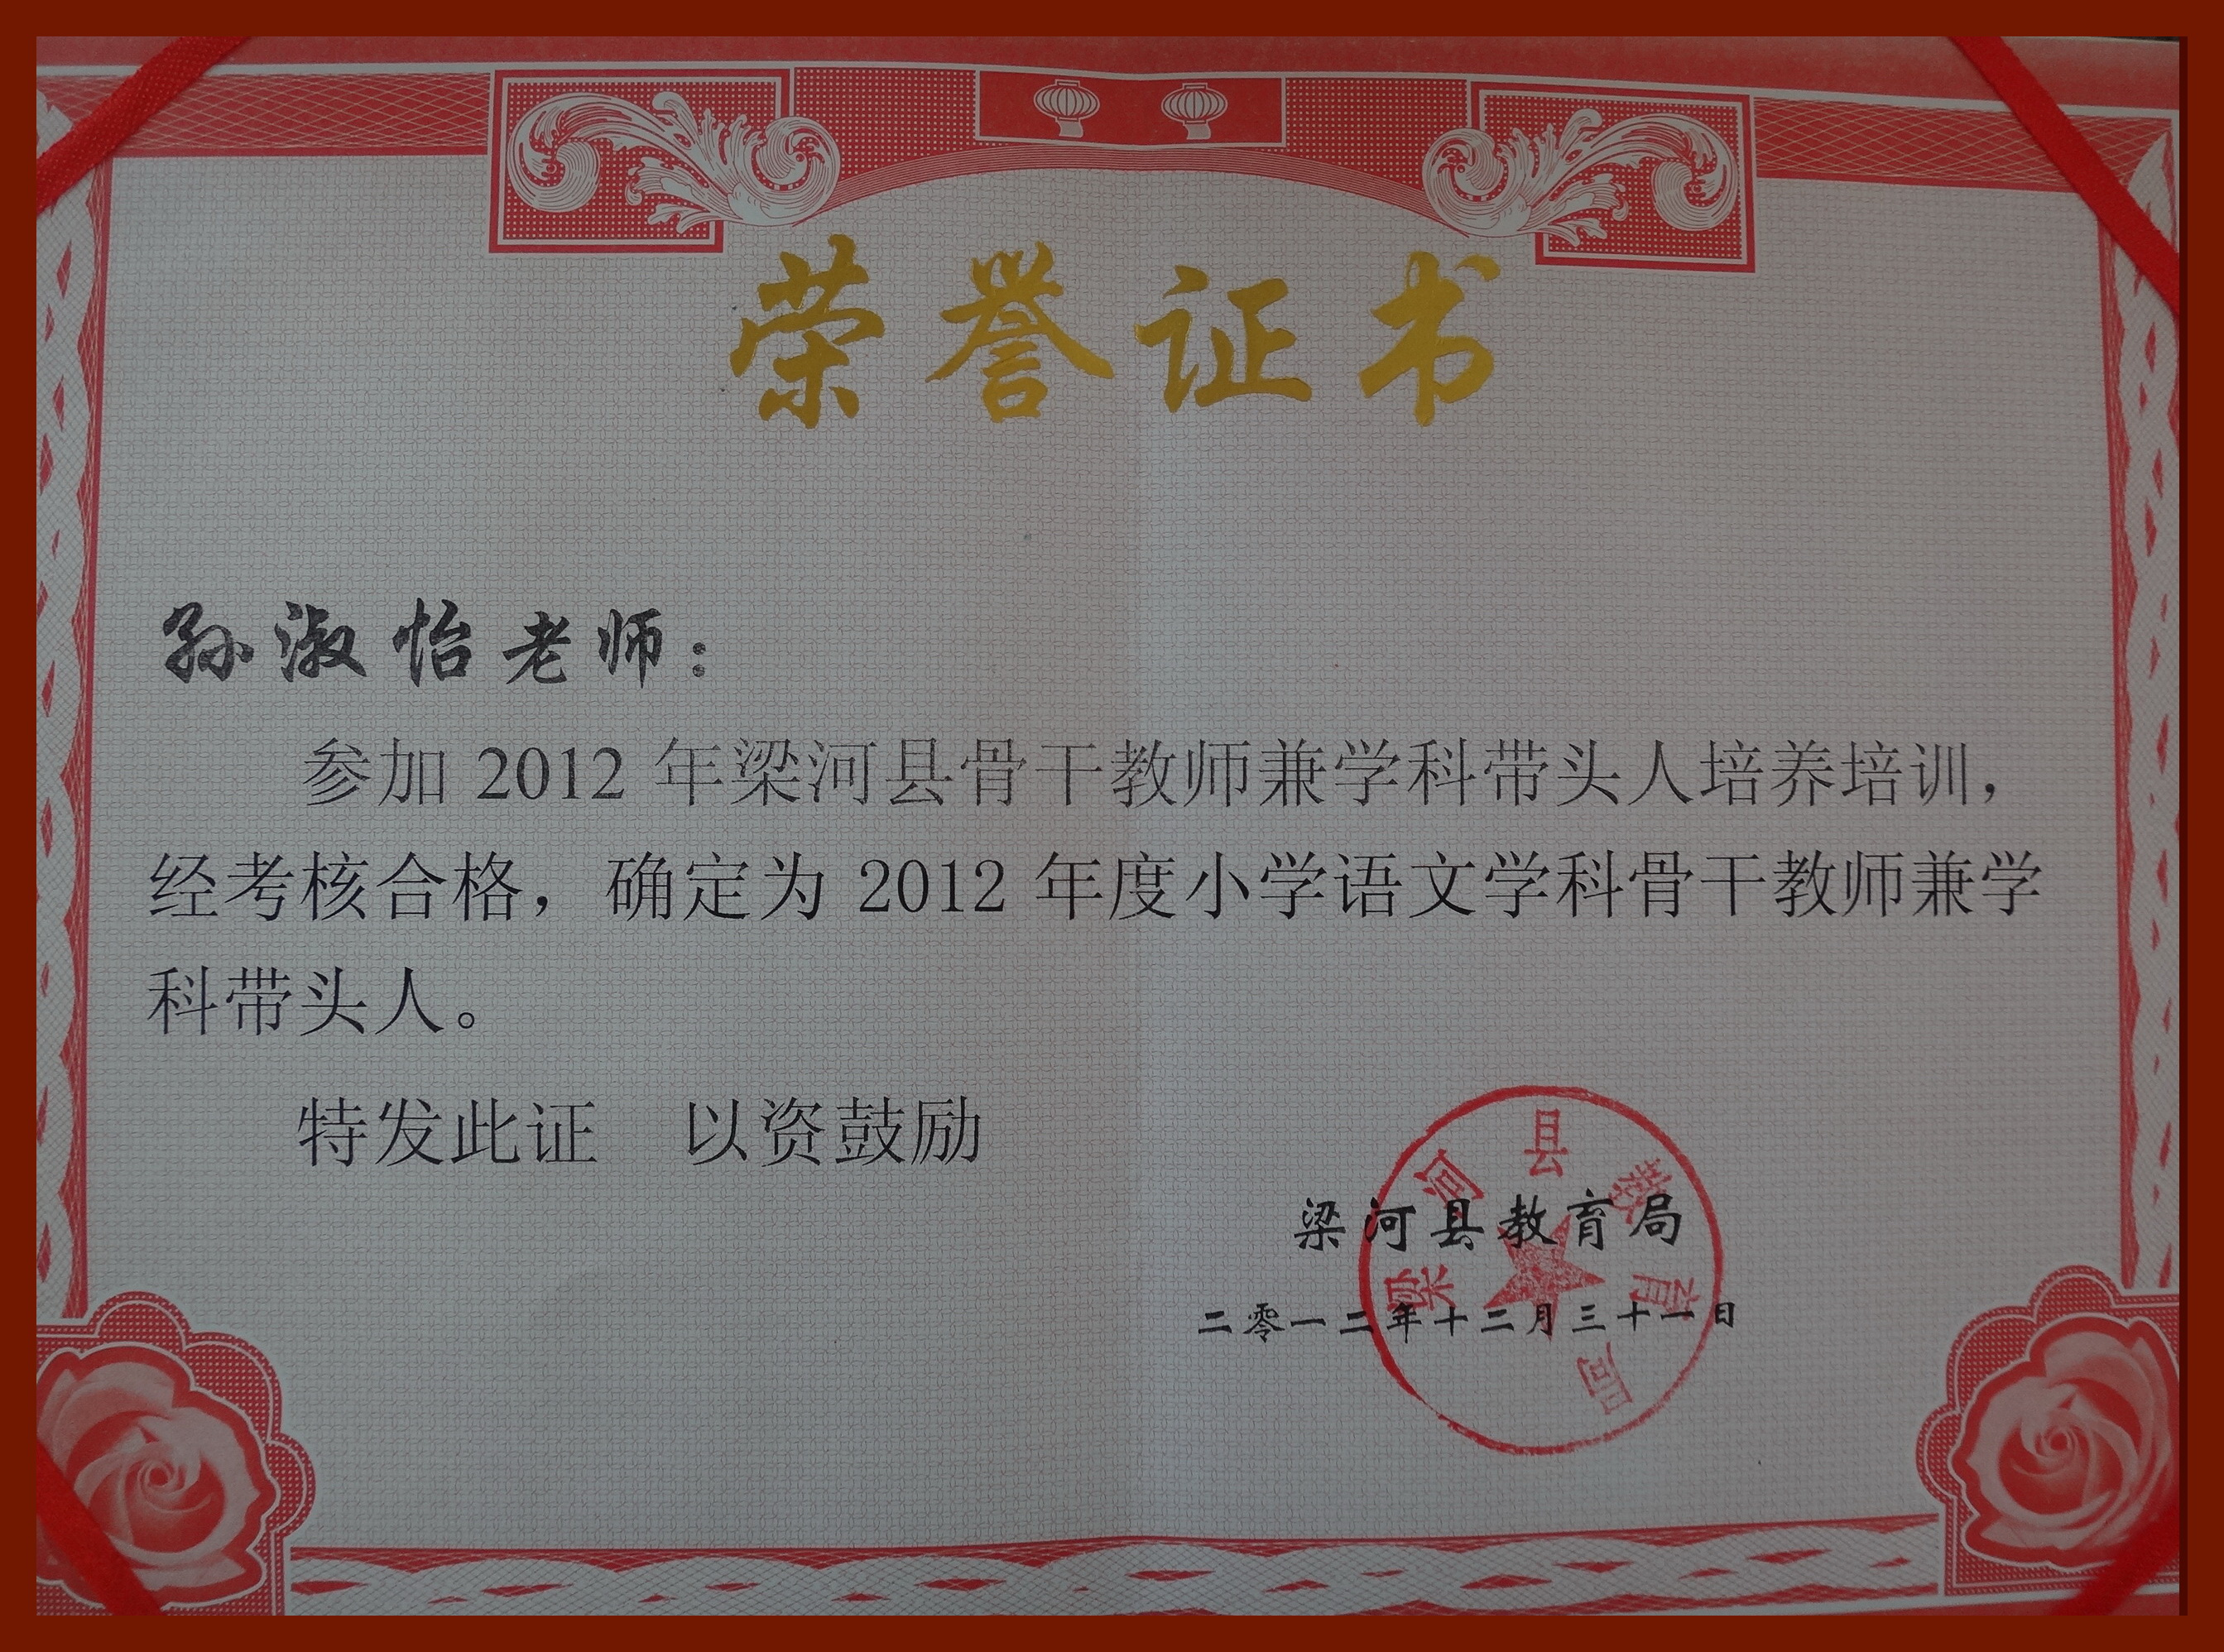 2012年县级骨干教师兼学科带头人